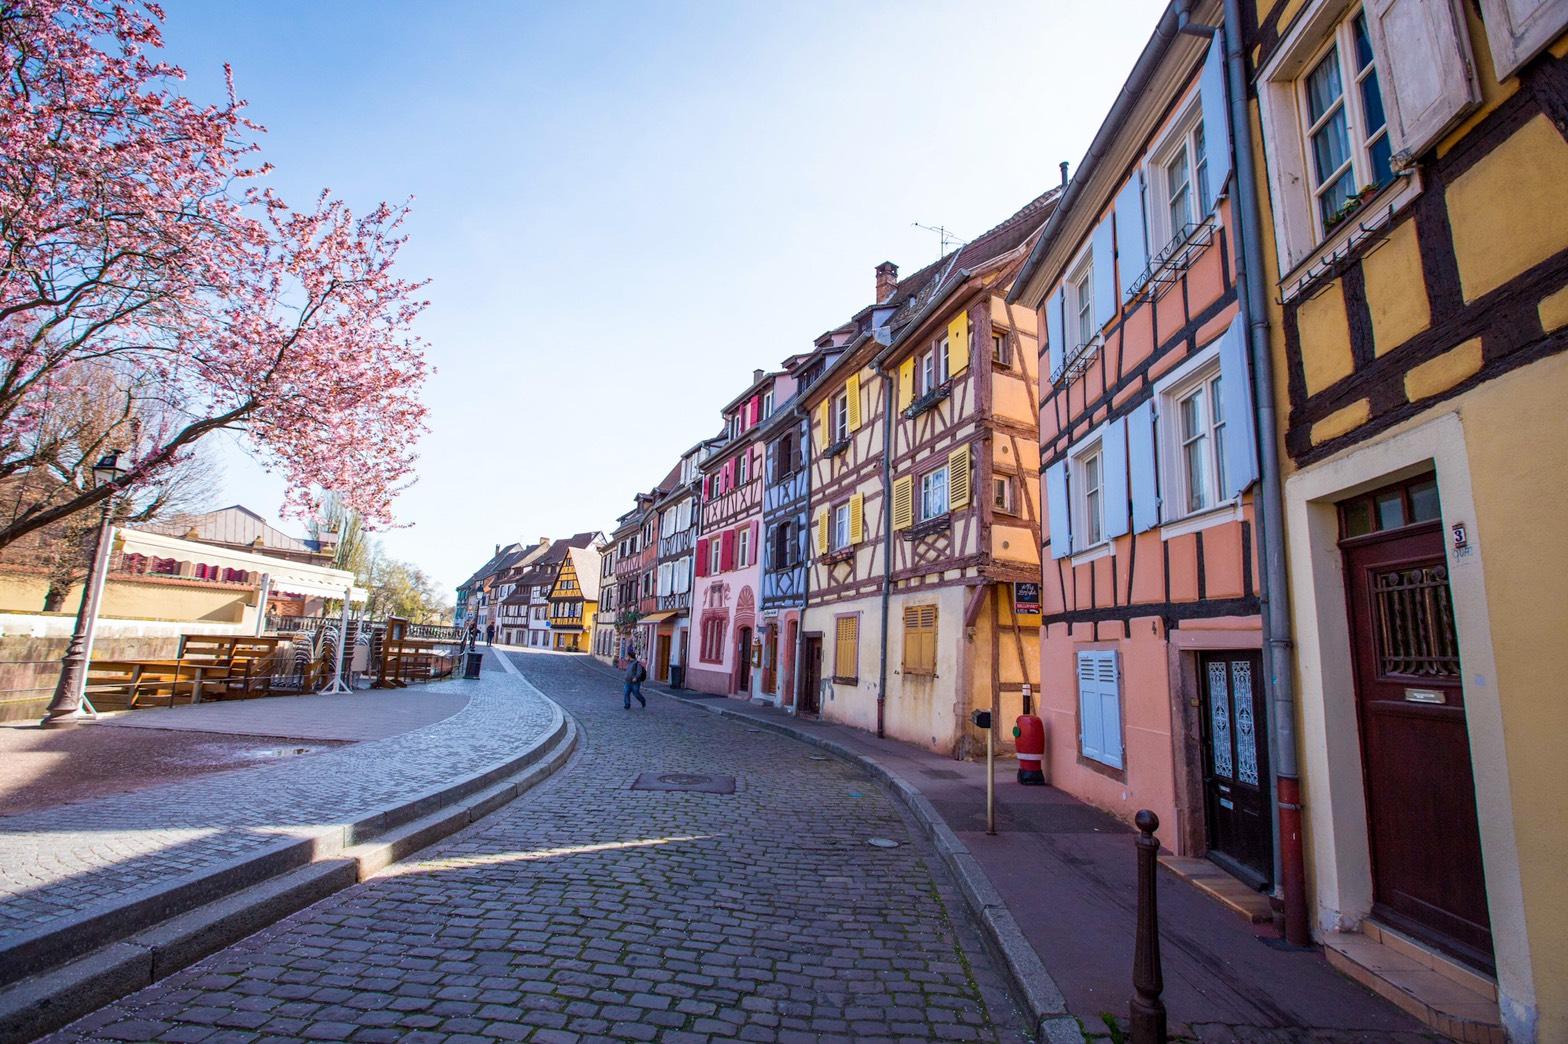 หมู่บ้านเทพนิยายแห่งแคว้นอาลซัส (Alsace) ประเทศฝรั่งเศส